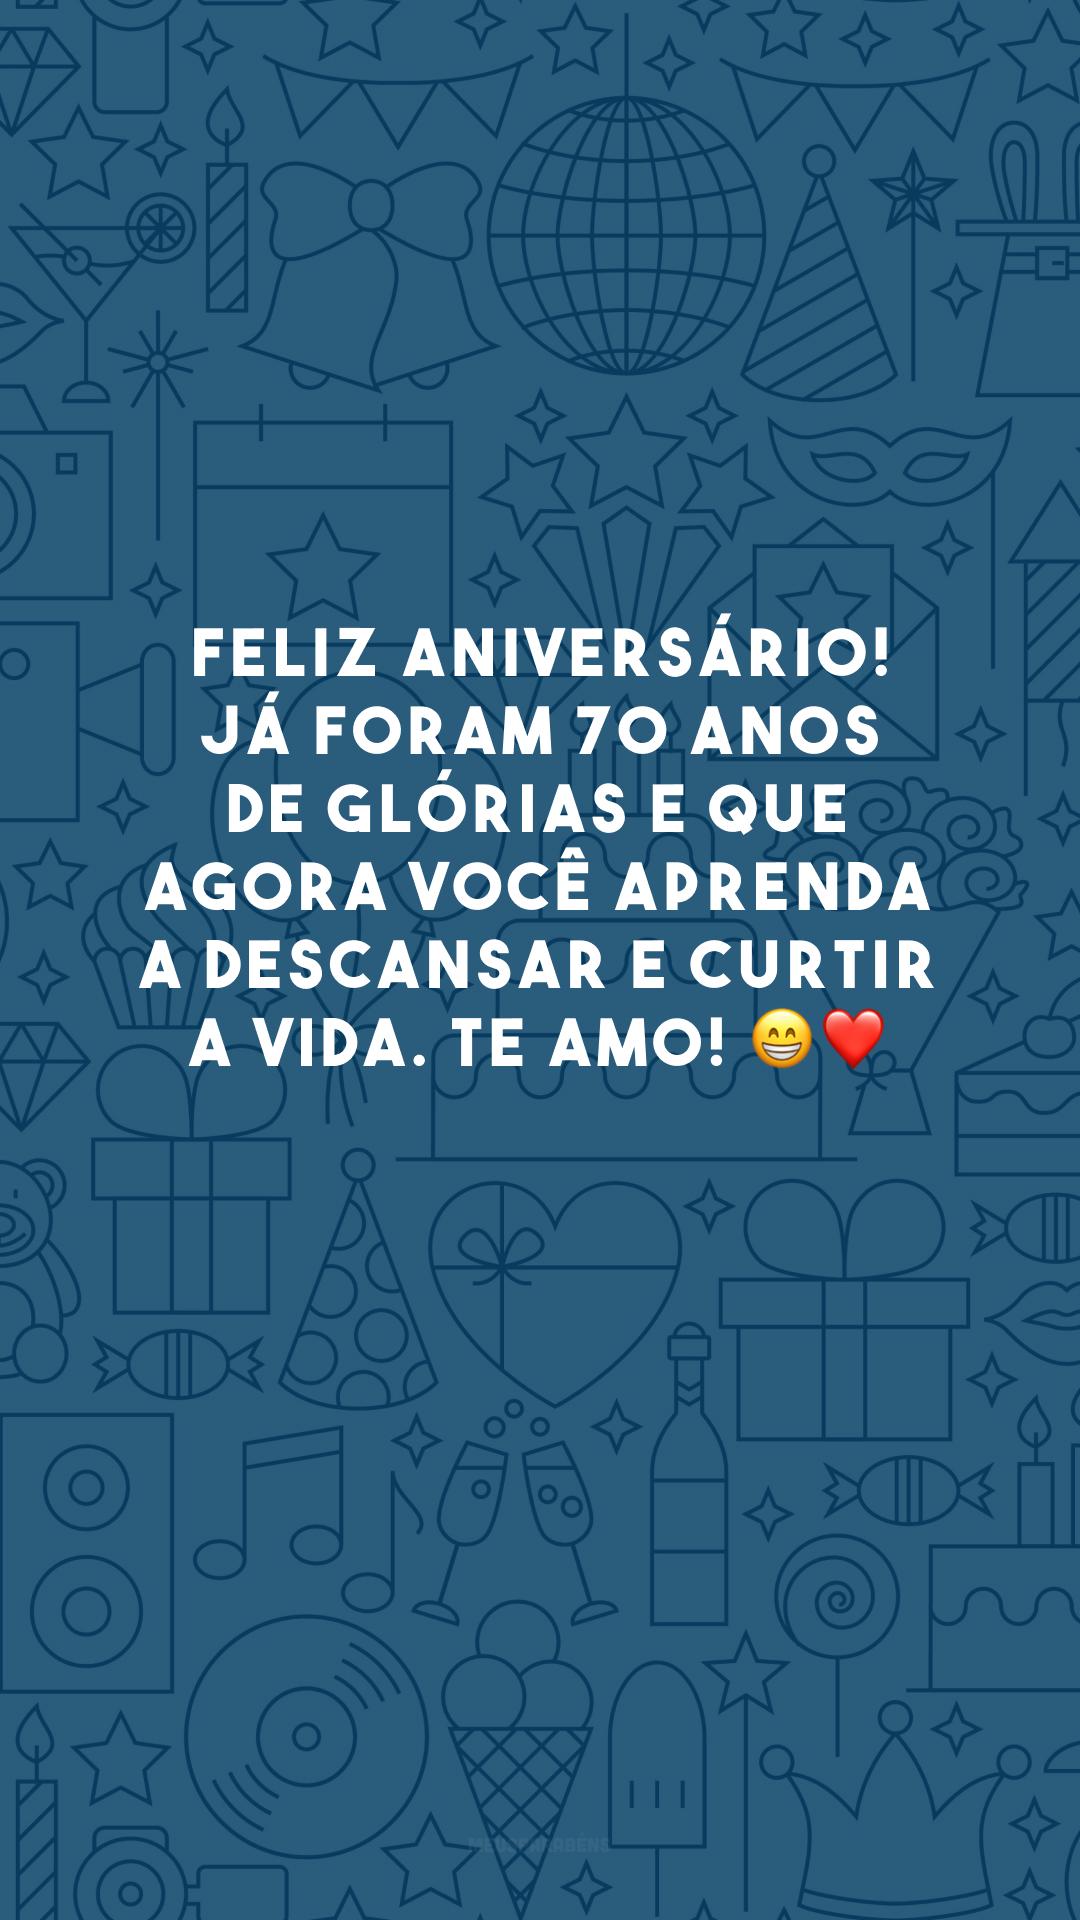 Feliz aniversário! Já foram 70 anos de glórias e que agora você aprenda a descansar e curtir a vida. Te amo! 😁❤️